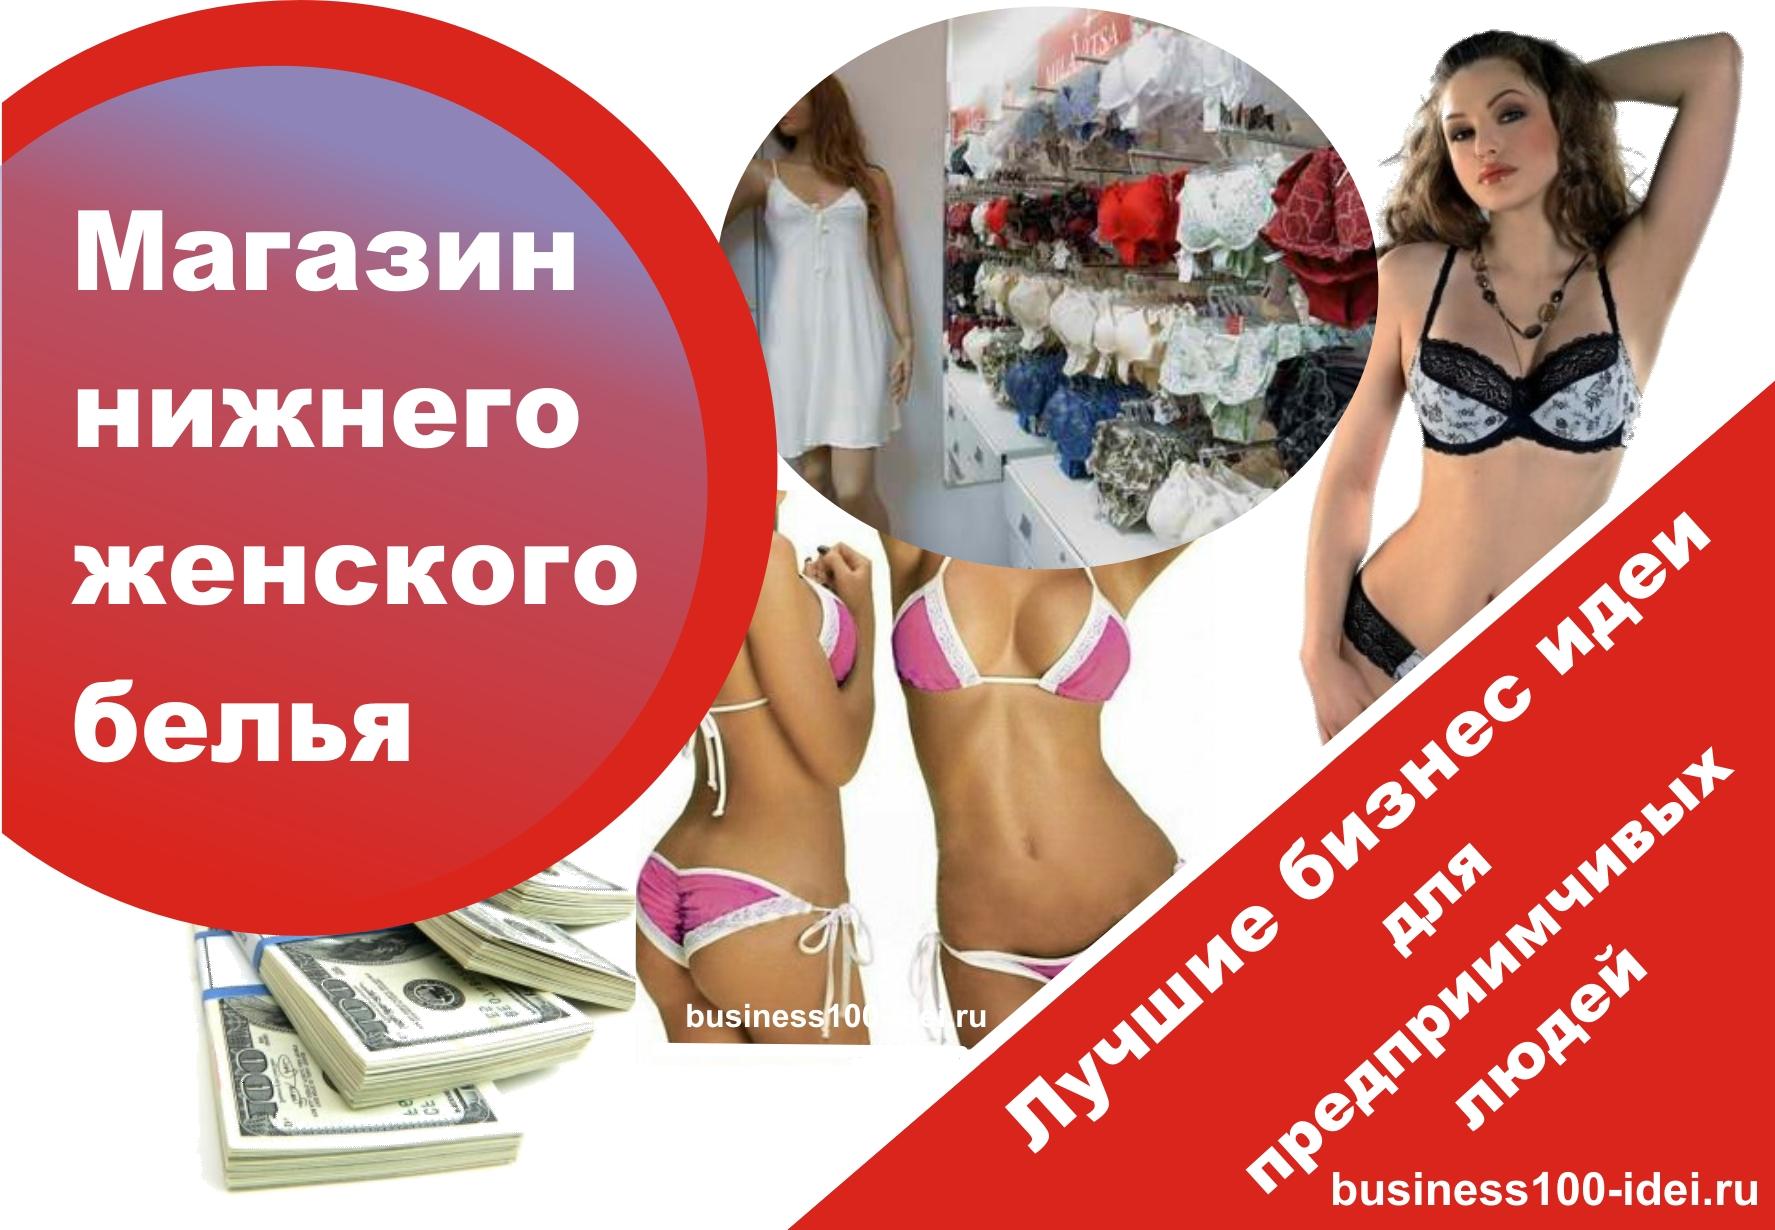 Бизнес магазин нижнего белья 4 фотография